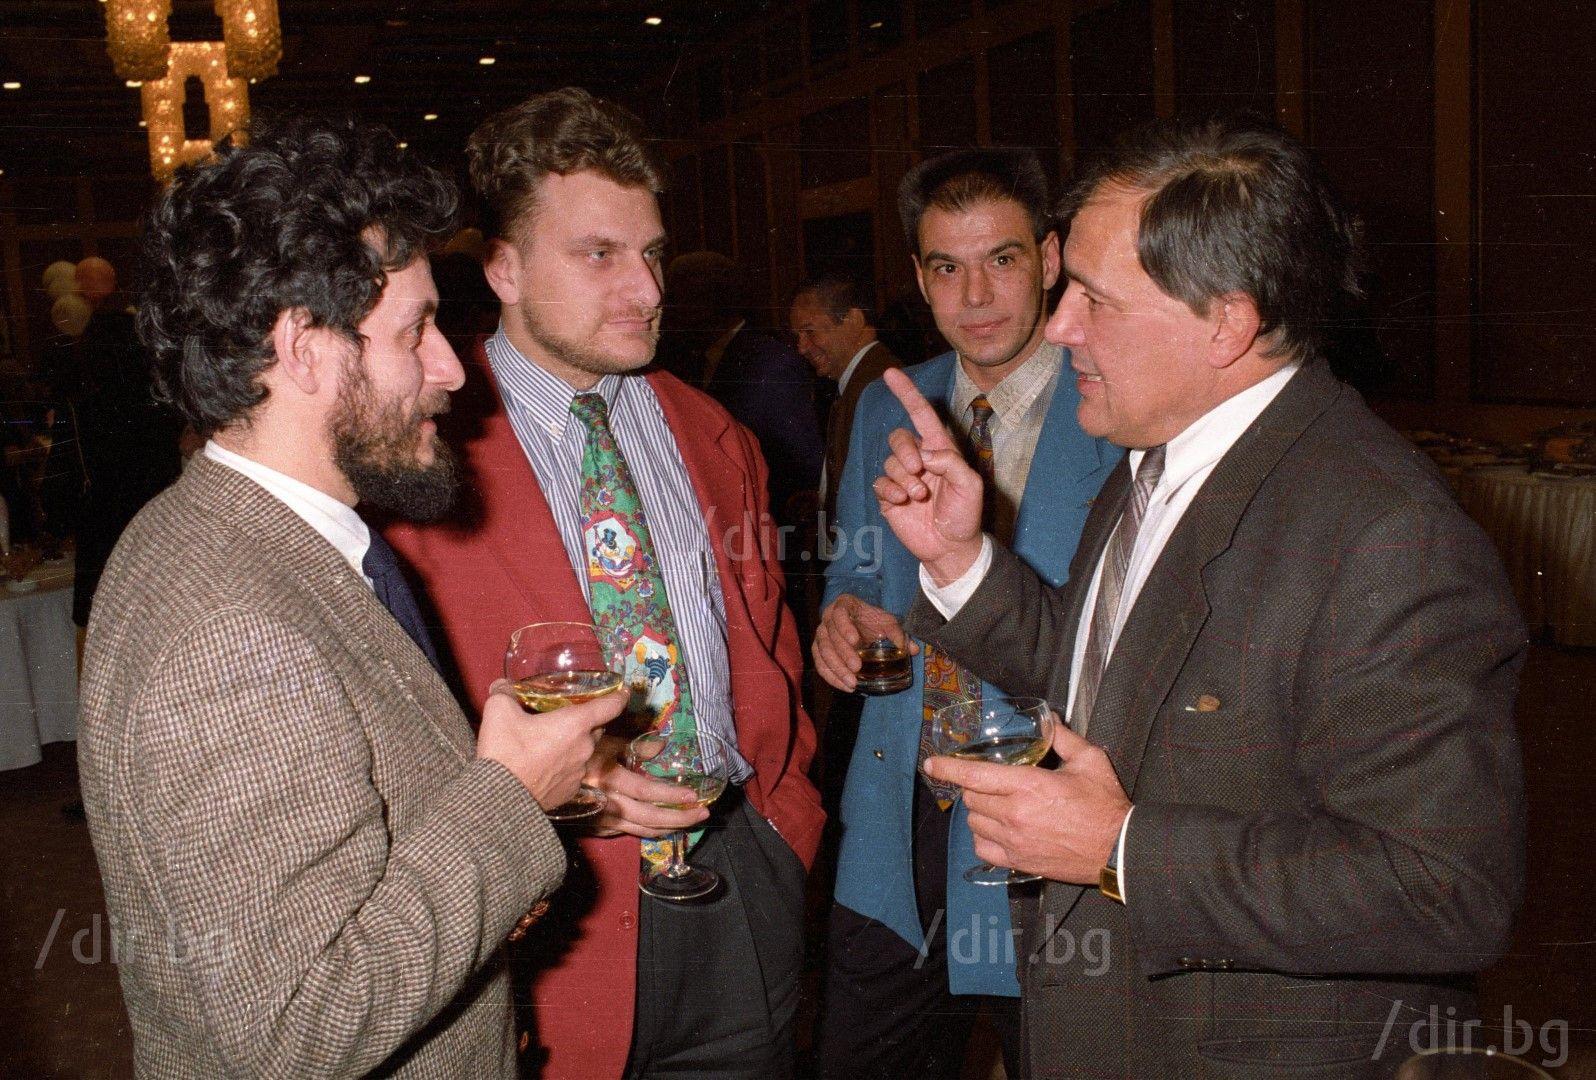 Със Соломон Паси /вляво/ и Петър Курумбашев, на кметските избори през 1995 г. / Снимка: Иван Григоров /